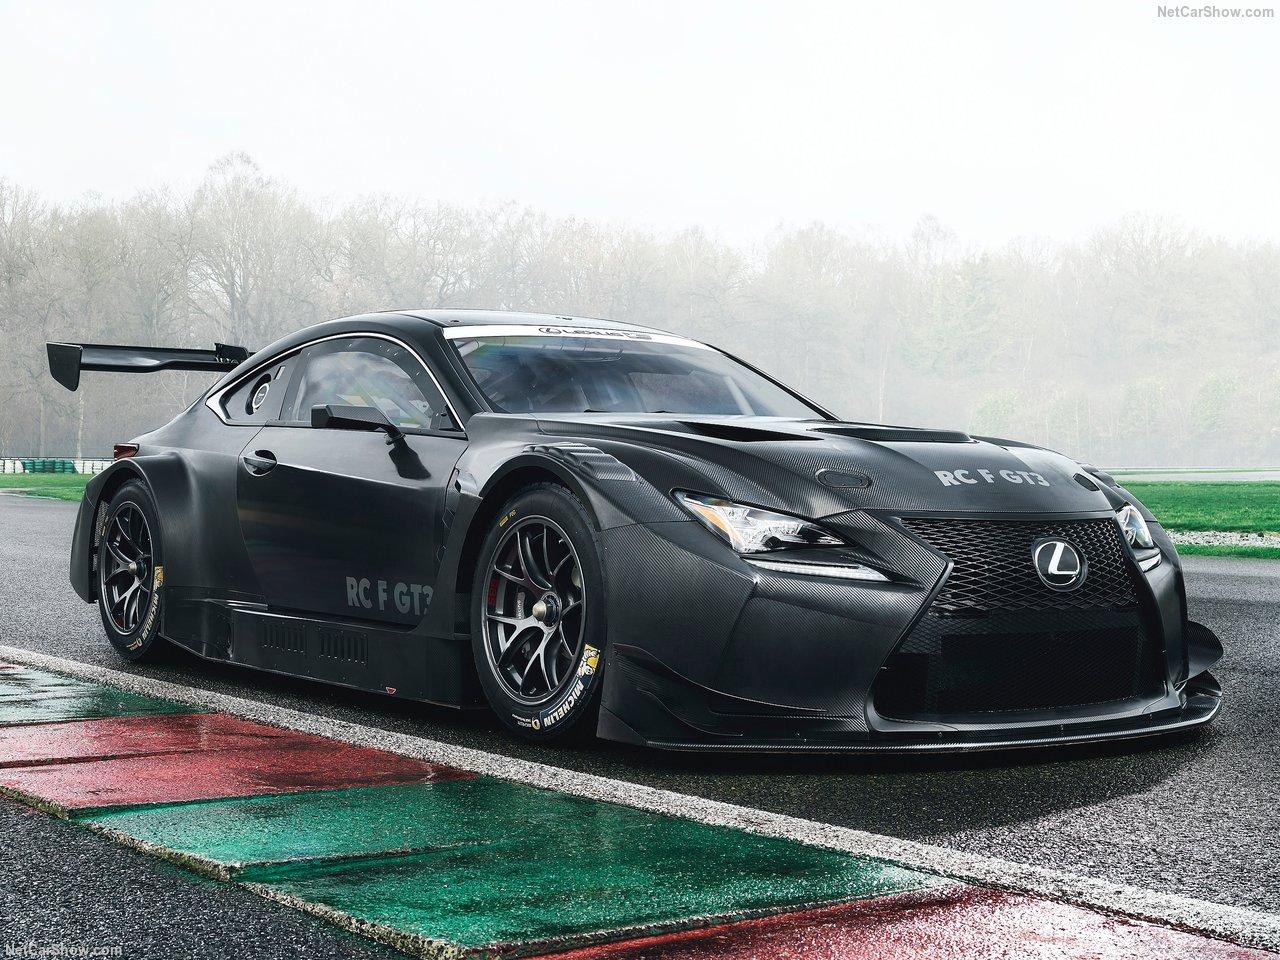 2017 Lexus RC F GT3 * Price * Specs * Engine * Design ...